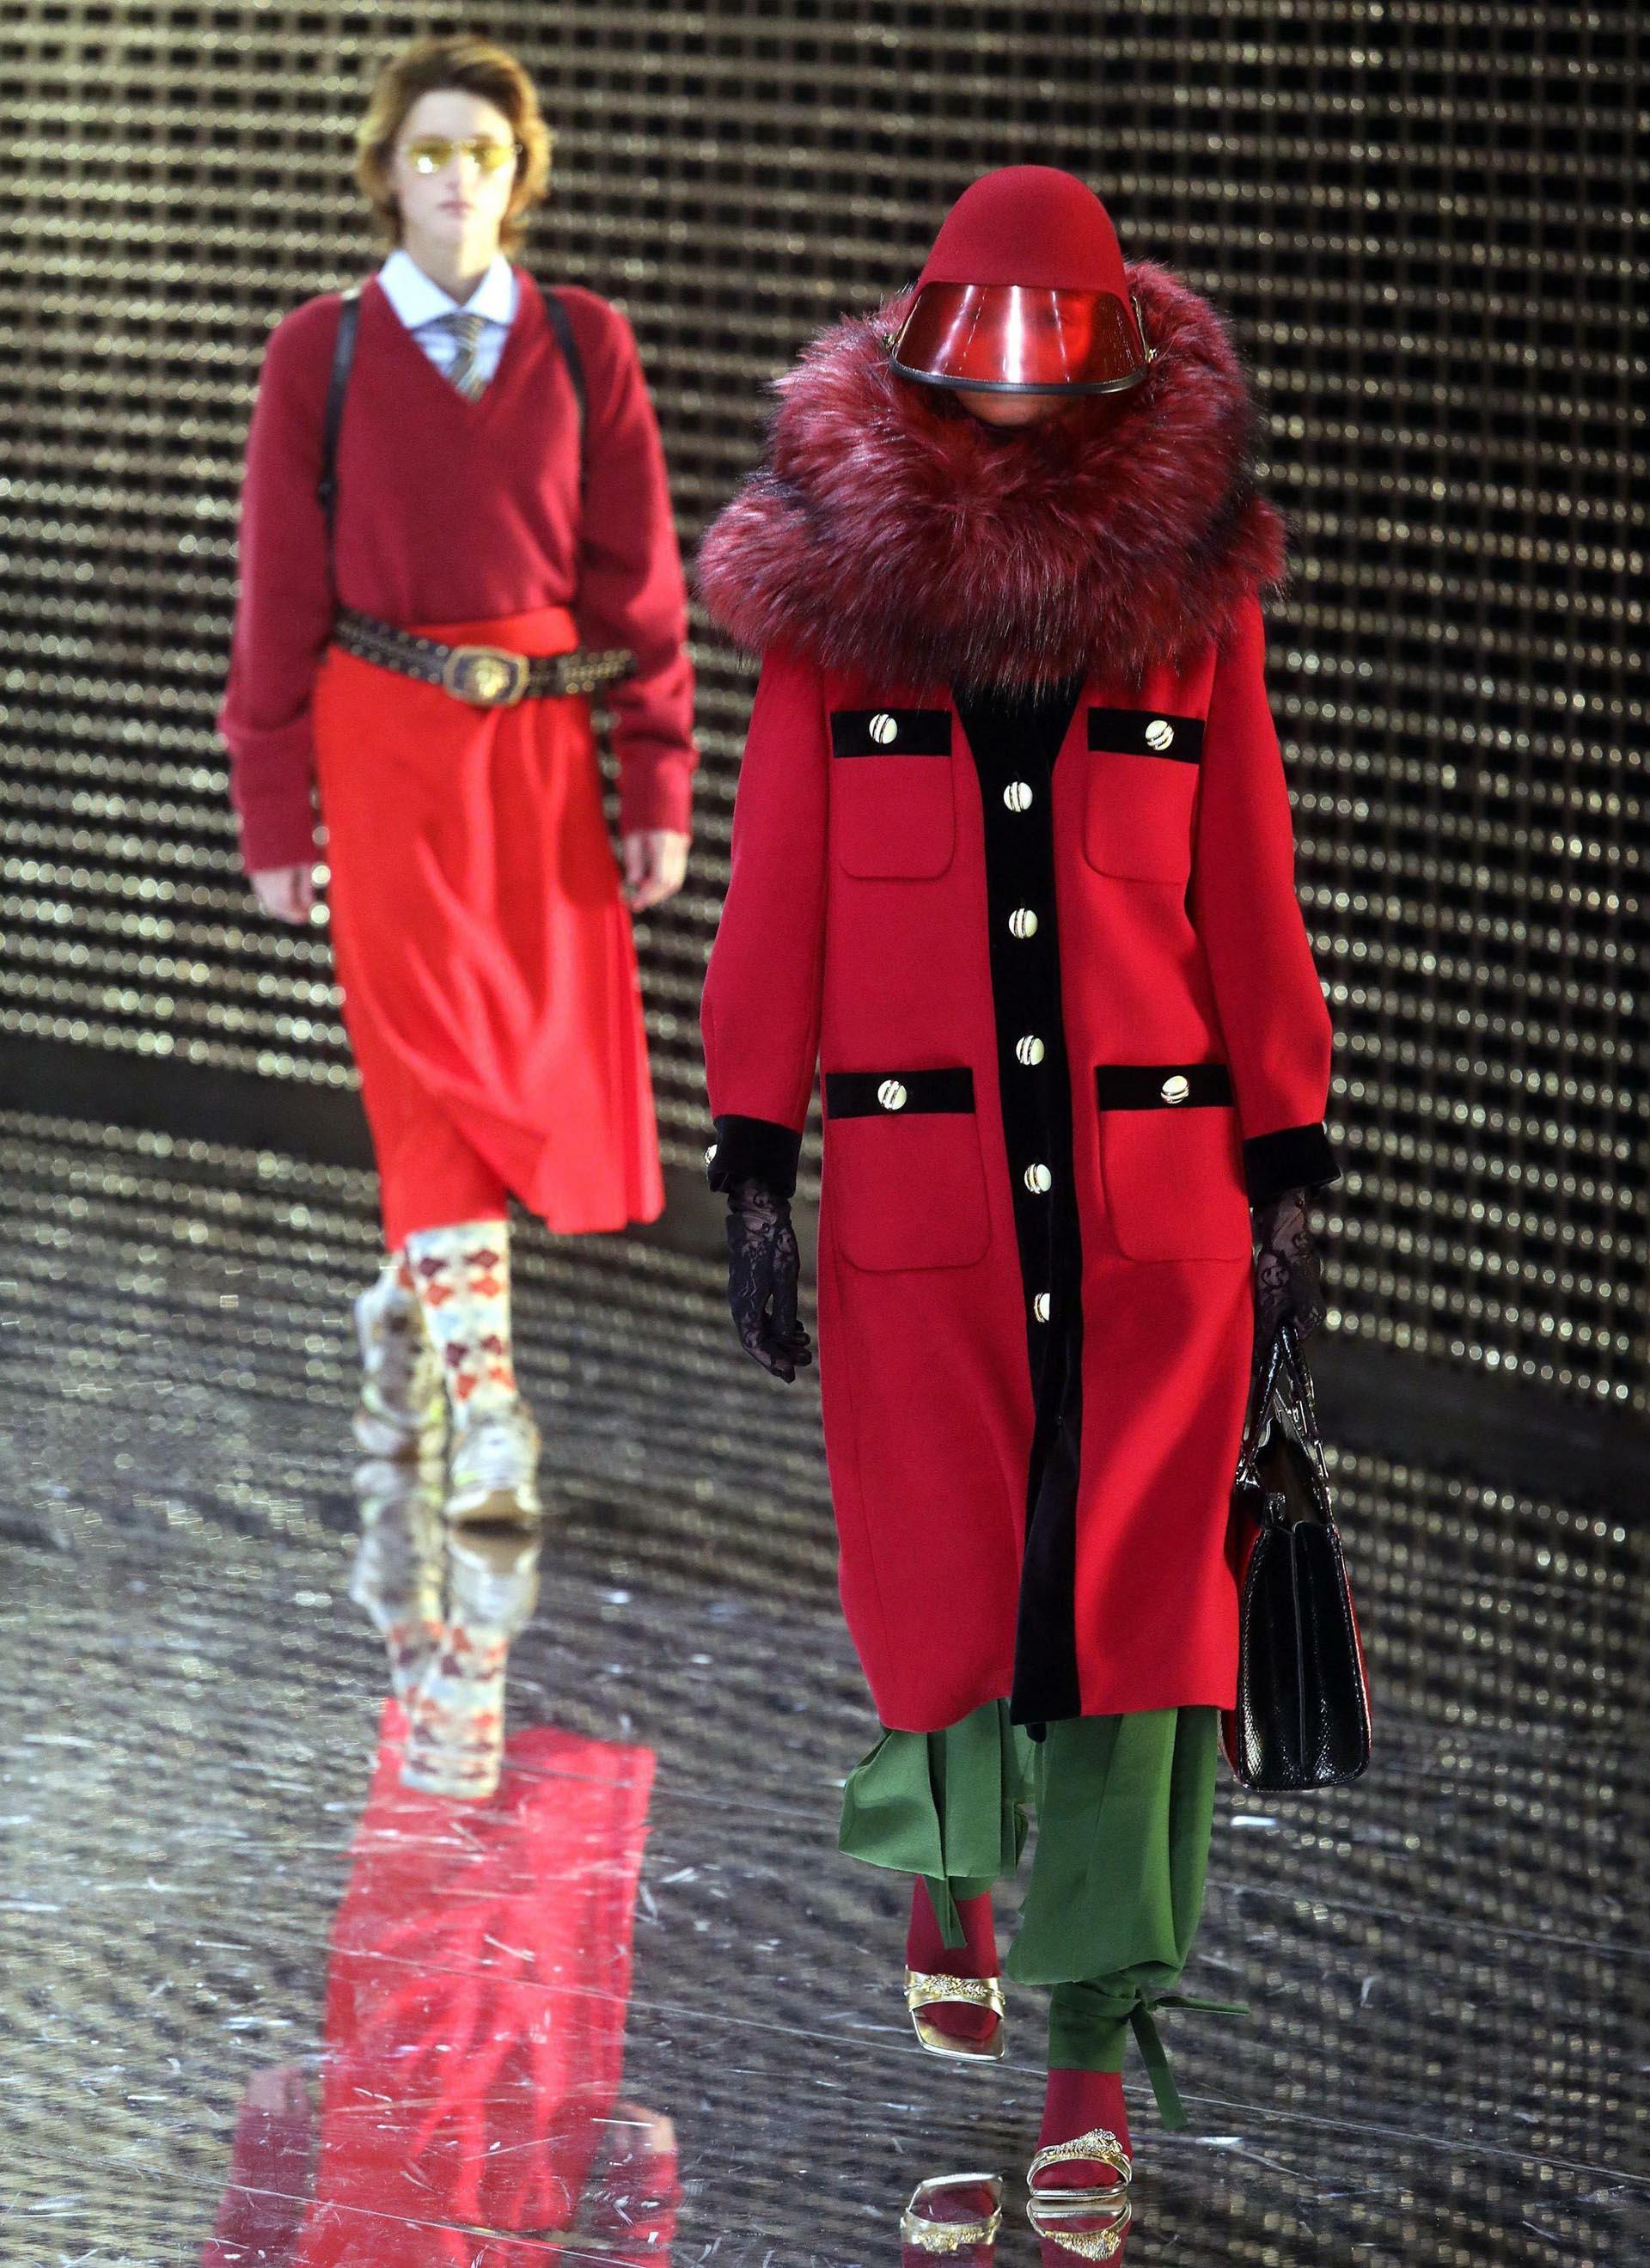 Los maxi tapados formaron parte de la colección de Gucci. Con botones y bosillos XL, los cuellos de piel, no perdieron el protagonismo en la pasarela de Milán